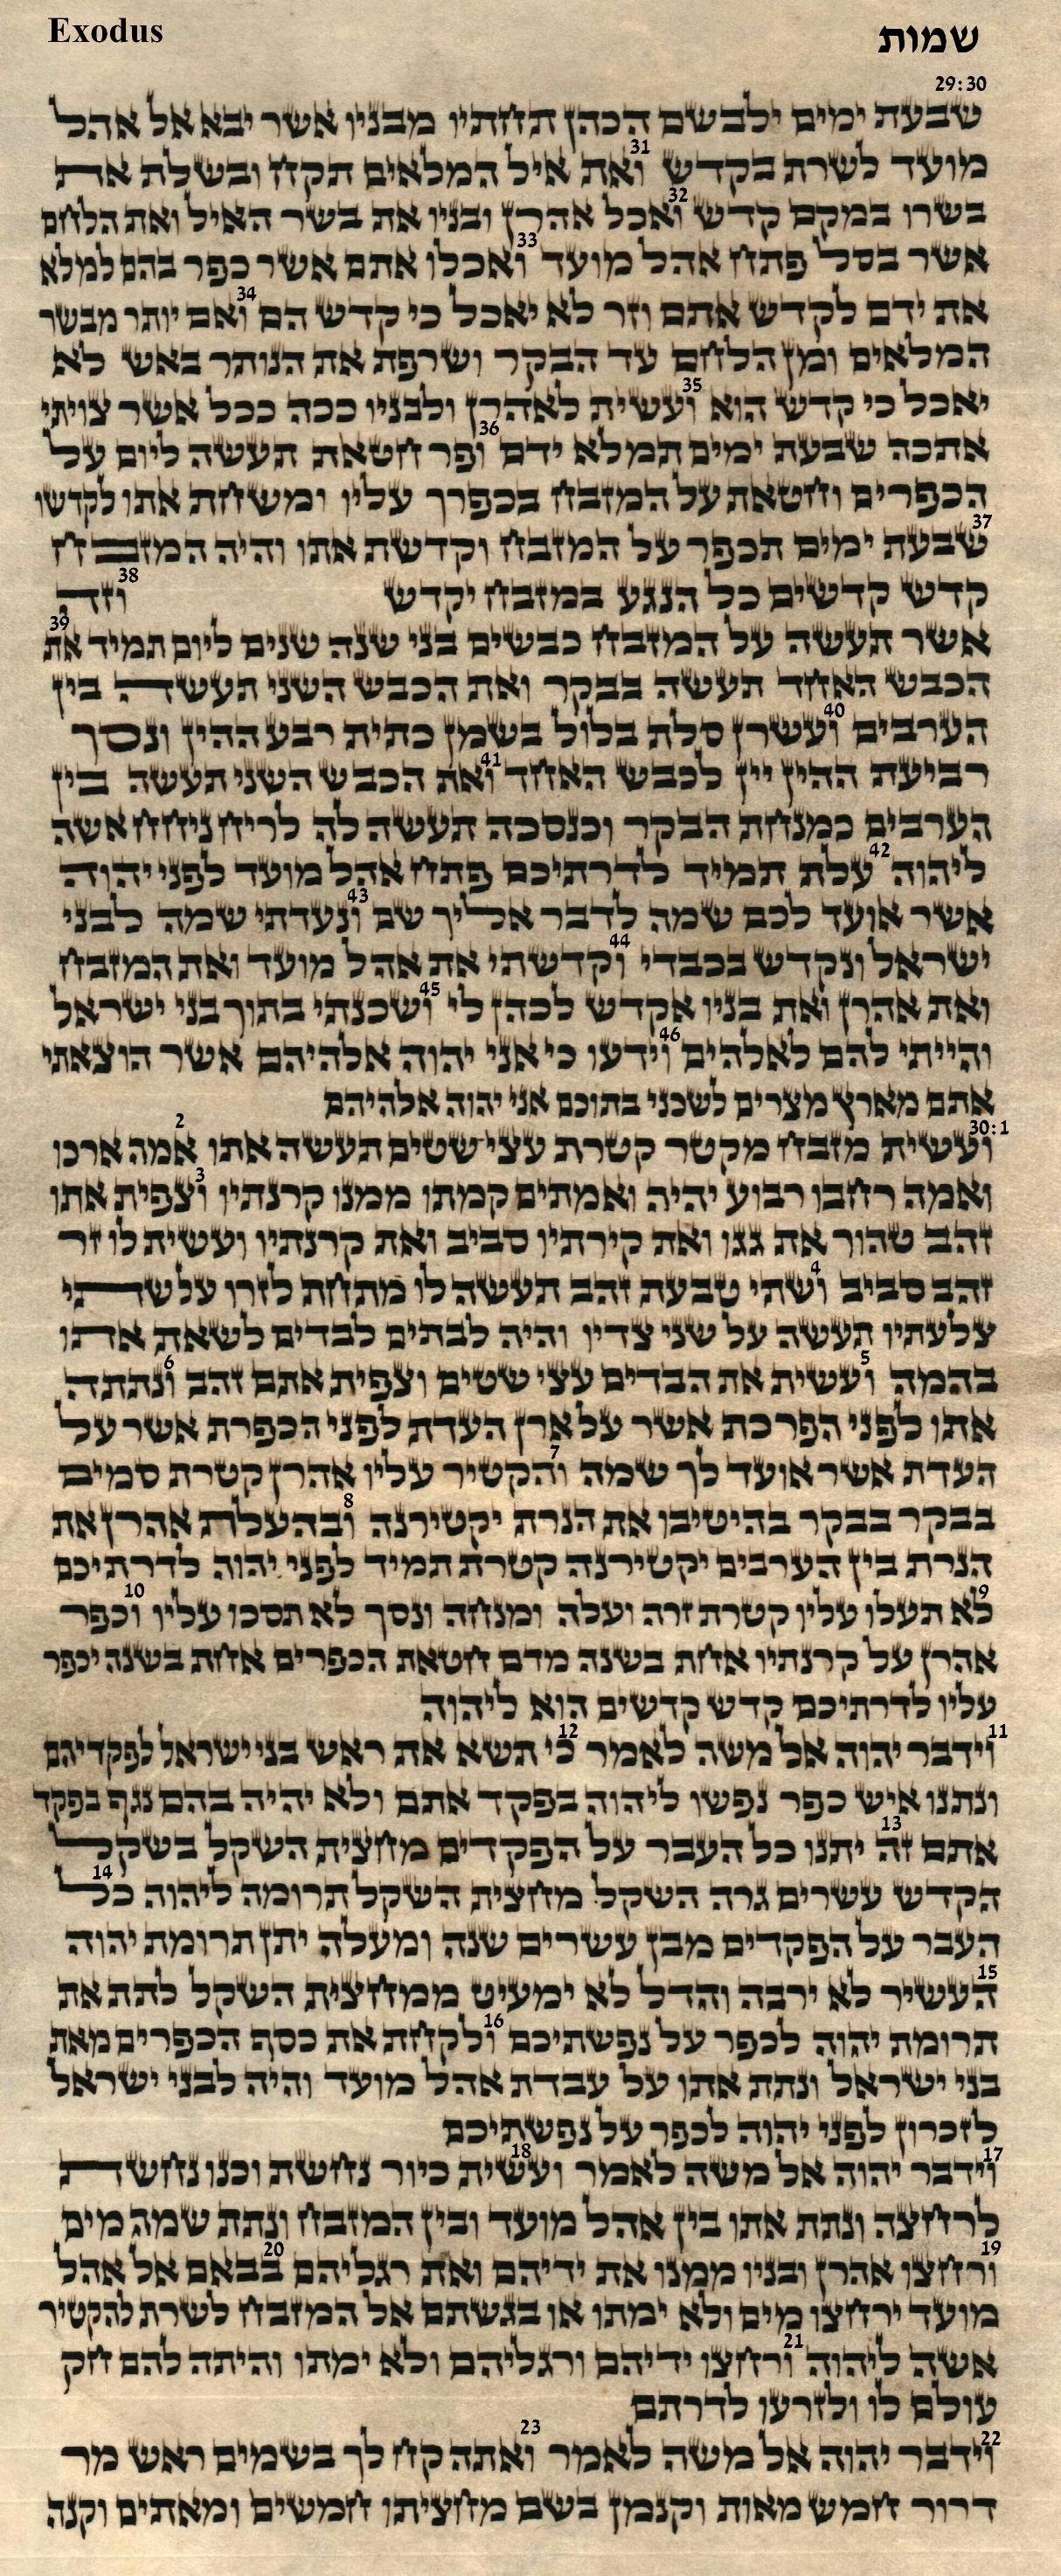 Exodus 29.30 - 30.23